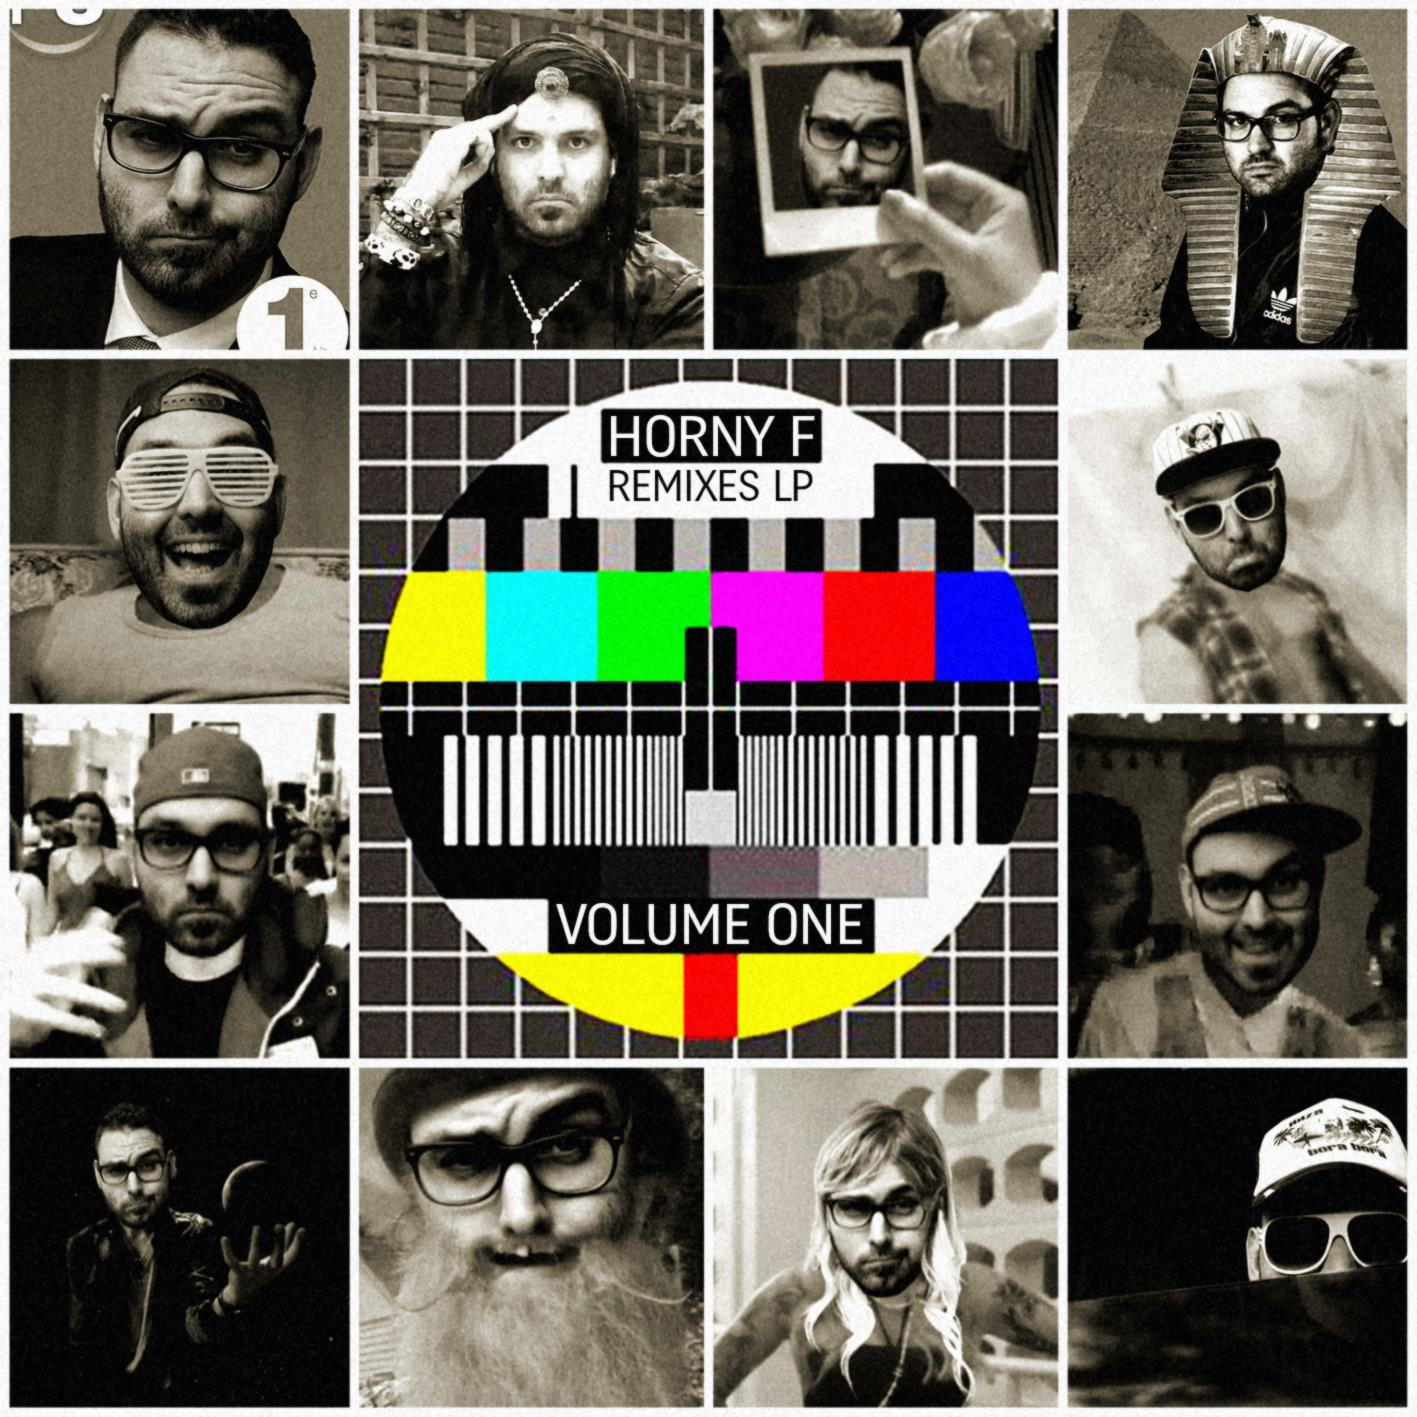 horny-f-remixes-lp-vol-1-record-cover